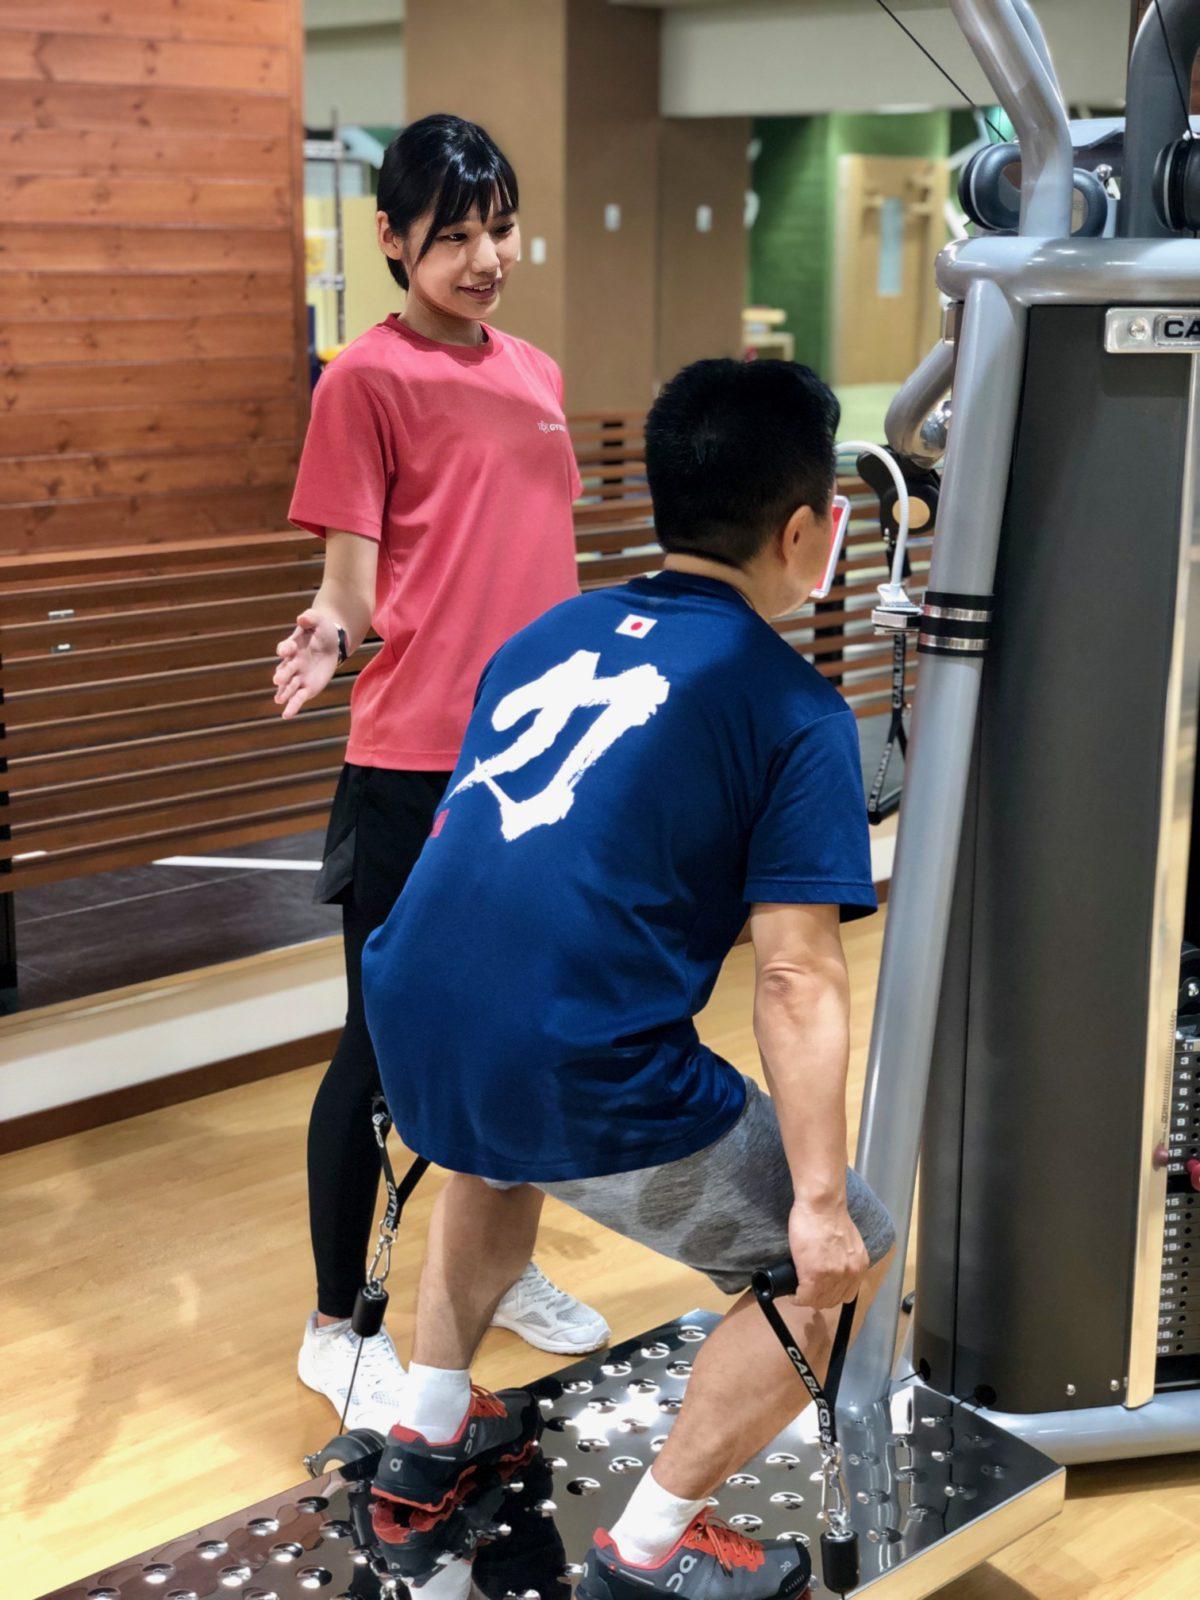 「腰痛対策のリハビリからトレーニングマニアに」